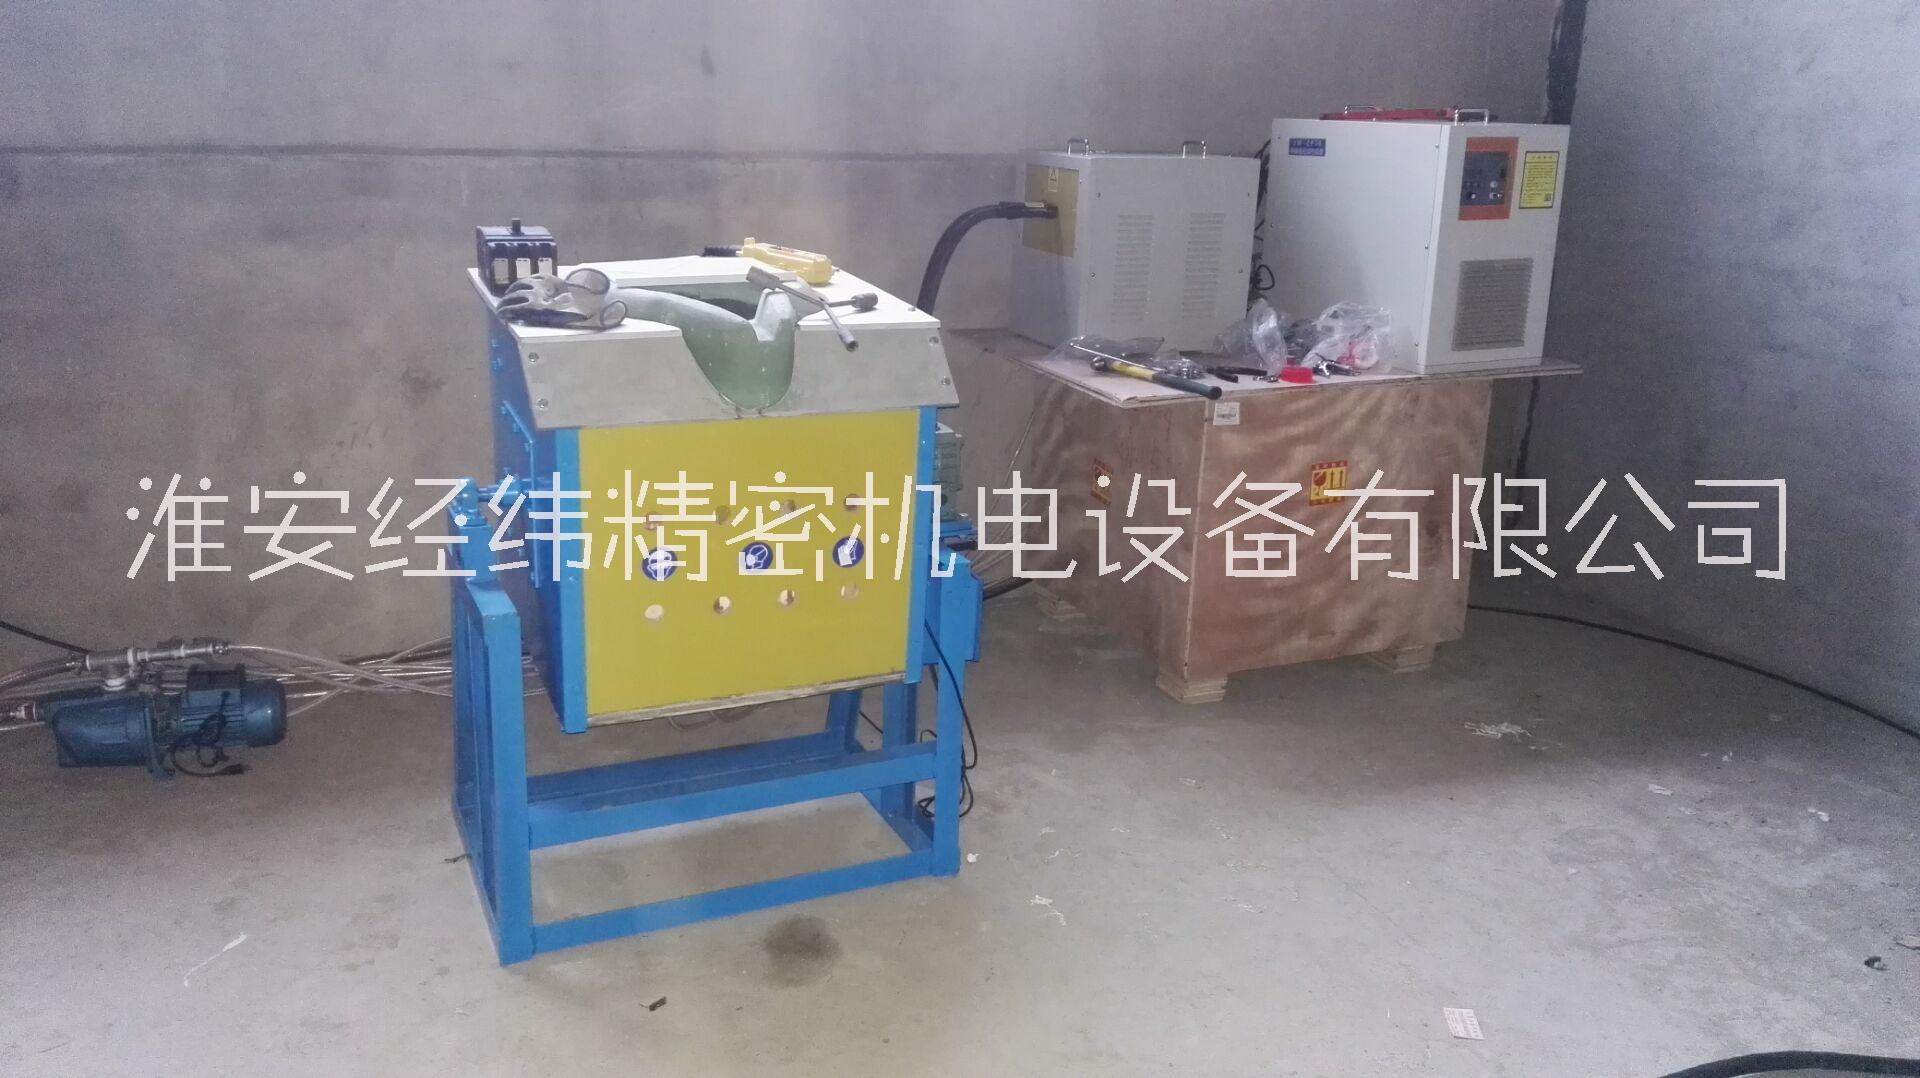 100公斤钢铁熔炼炉,恒功率中频电炉,炼铁设备